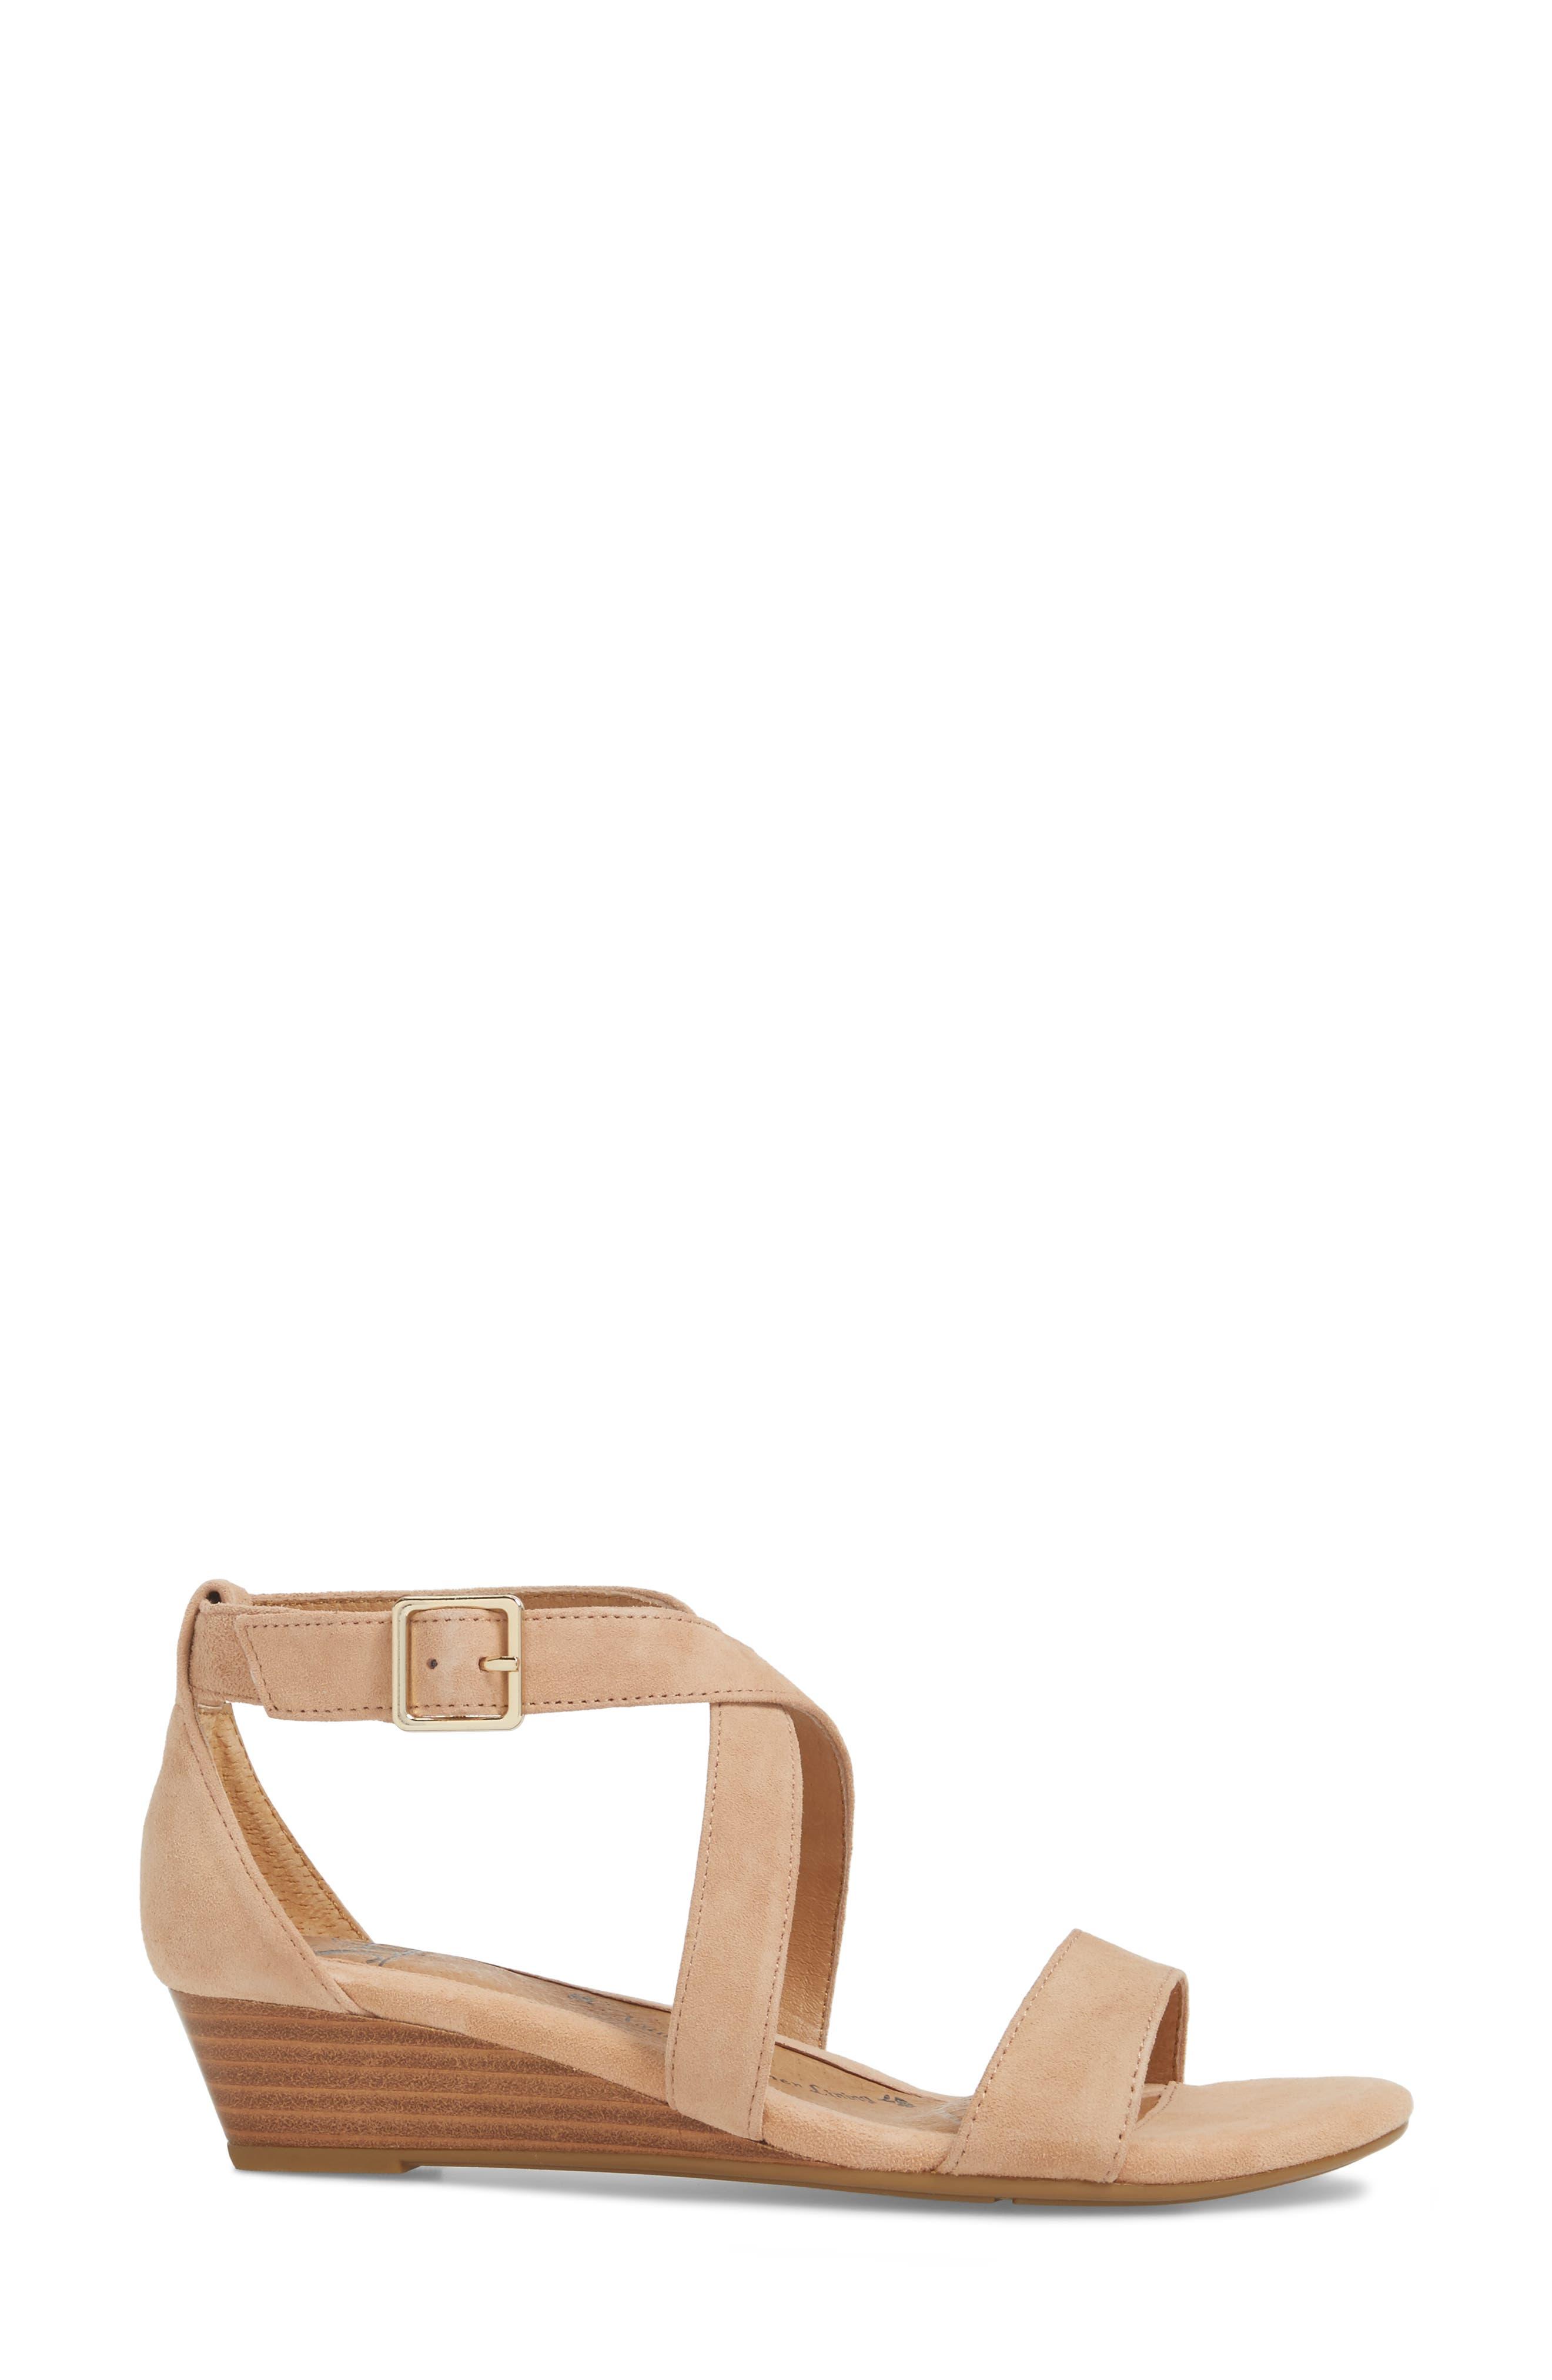 Alternate Image 3  - Söfft 'Innis' Low Wedge Sandal (Women)